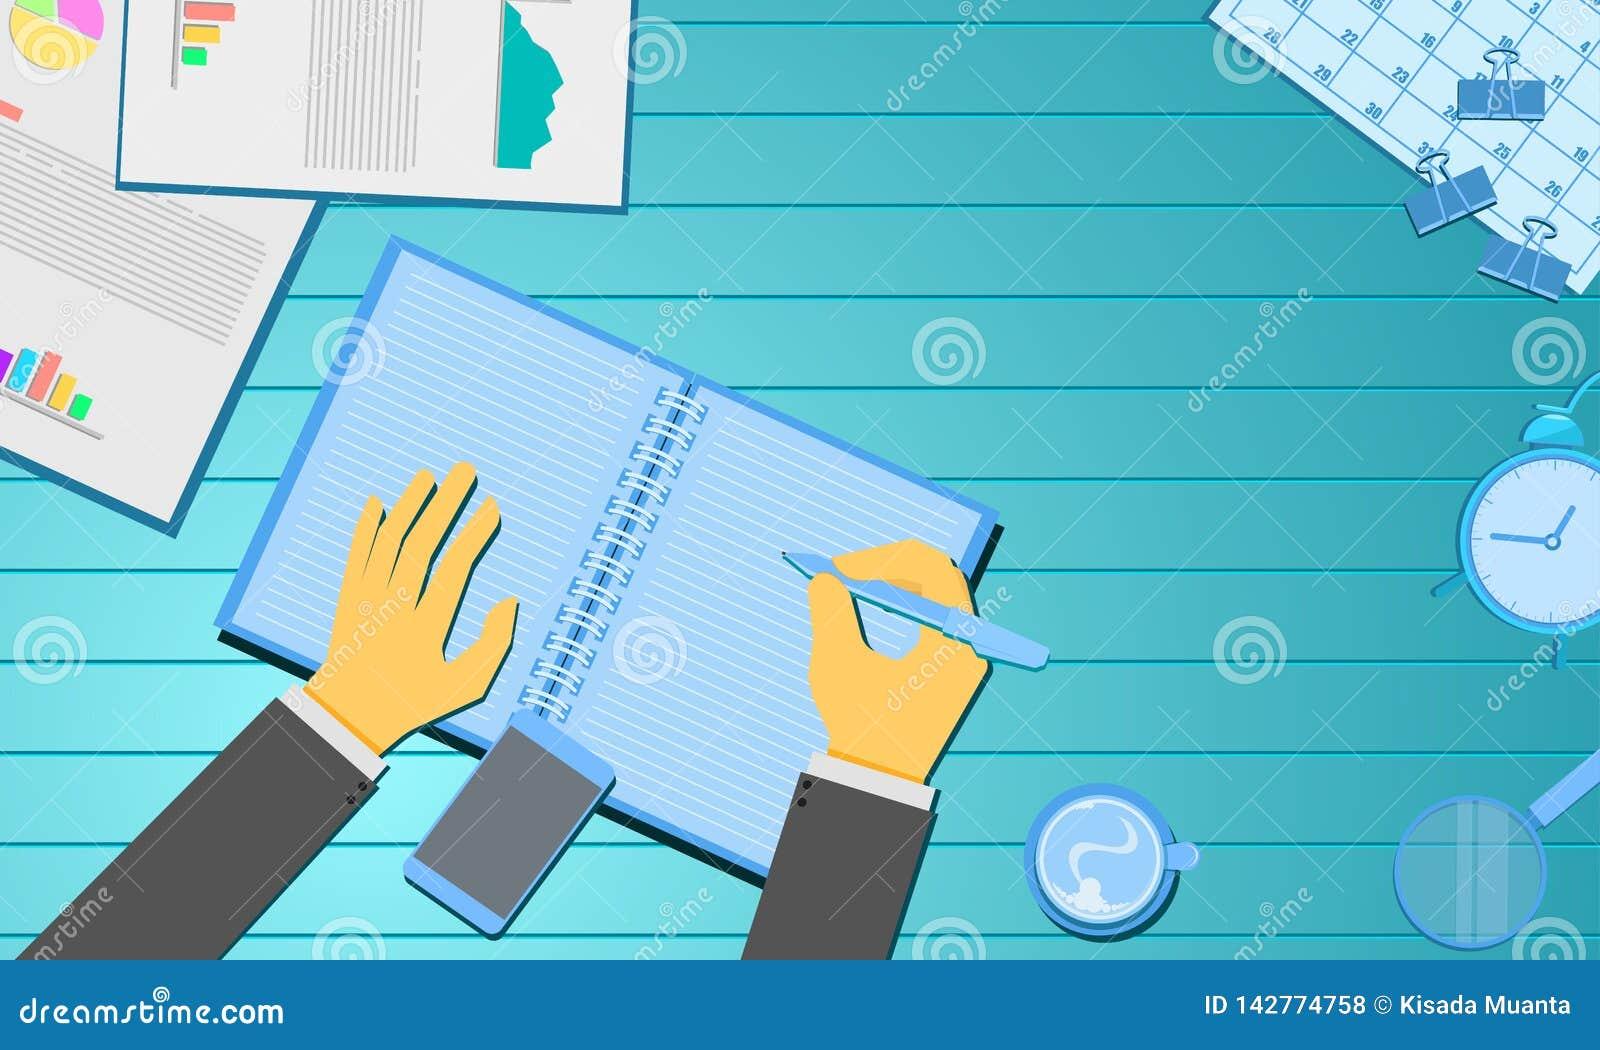 Ημερολόγιο εκθέσεων διαγραμμάτων πληροφοριών και καφέ εγγράφου γραψίματος χεριών Έννοια επιχειρησιακού μάρκετινγκ ξύλινο γαλαζοπρ